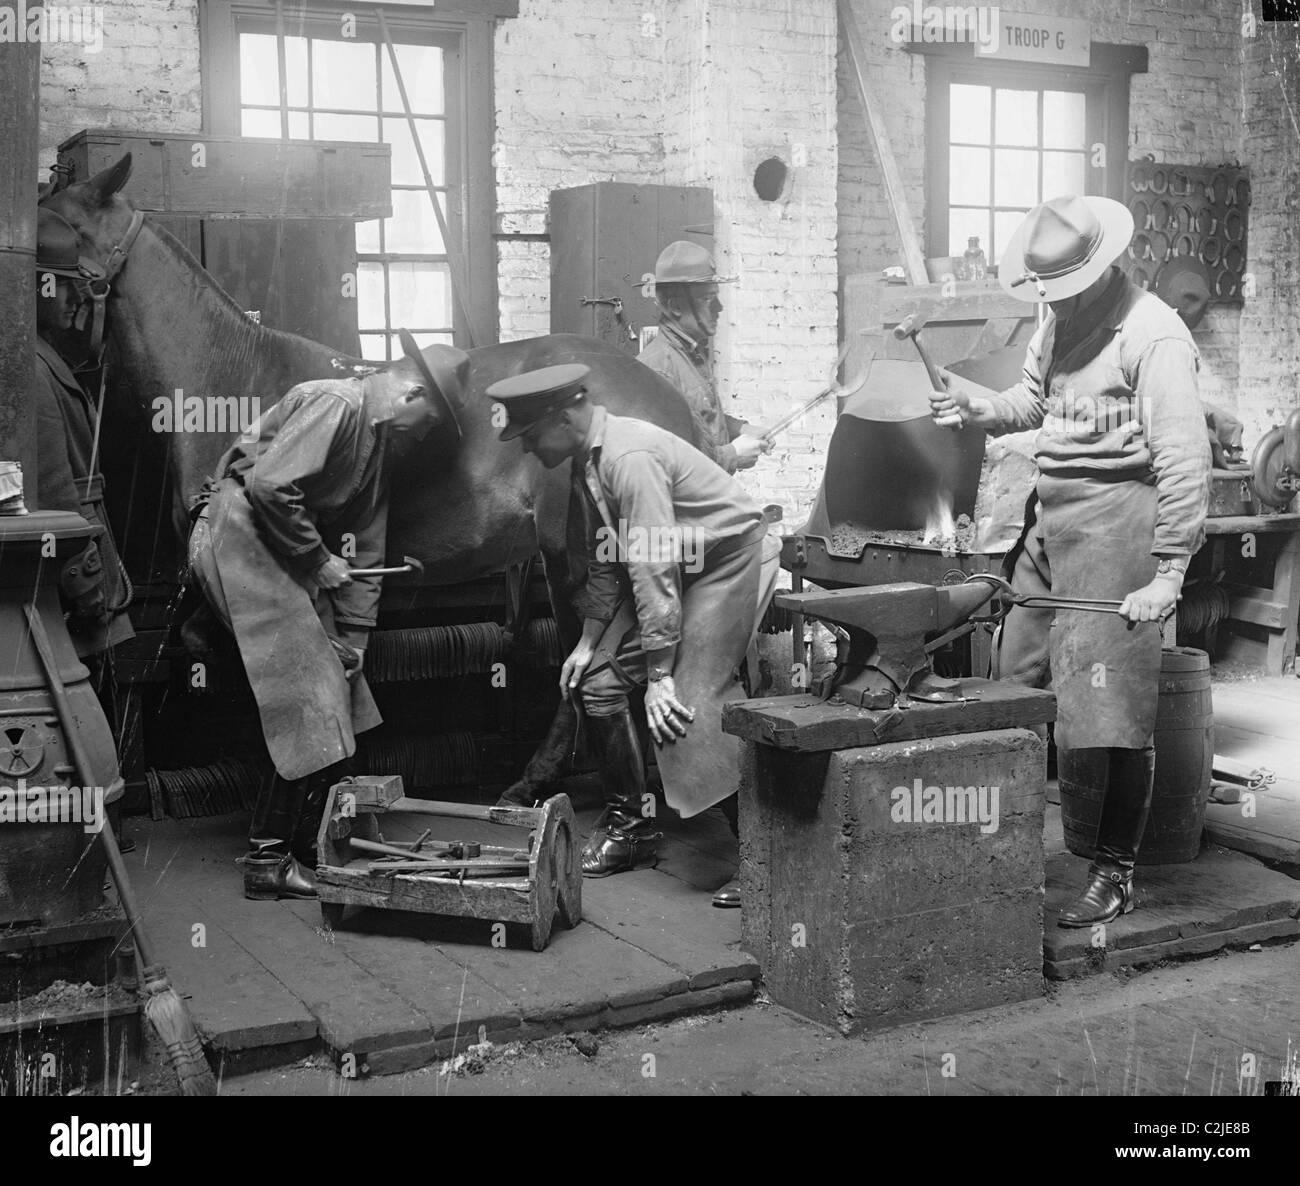 Army Blacksmiths Shoe Horses - Stock Image